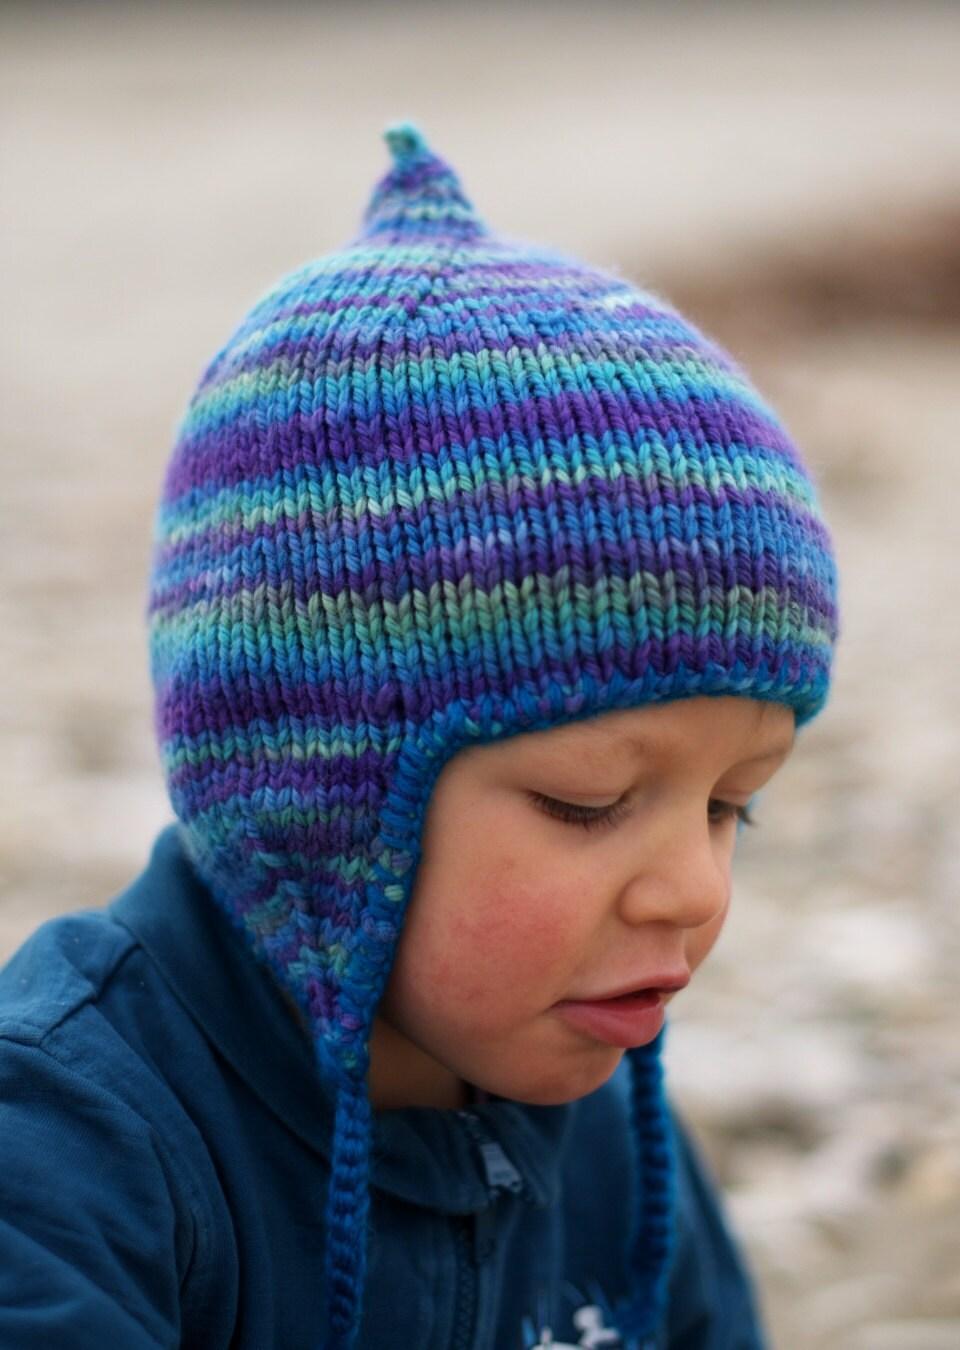 8070dea23b8 Bimple chullo hat knitting pattern instructions etsy jpg 960x1350 Chullo hat  knitting pattern